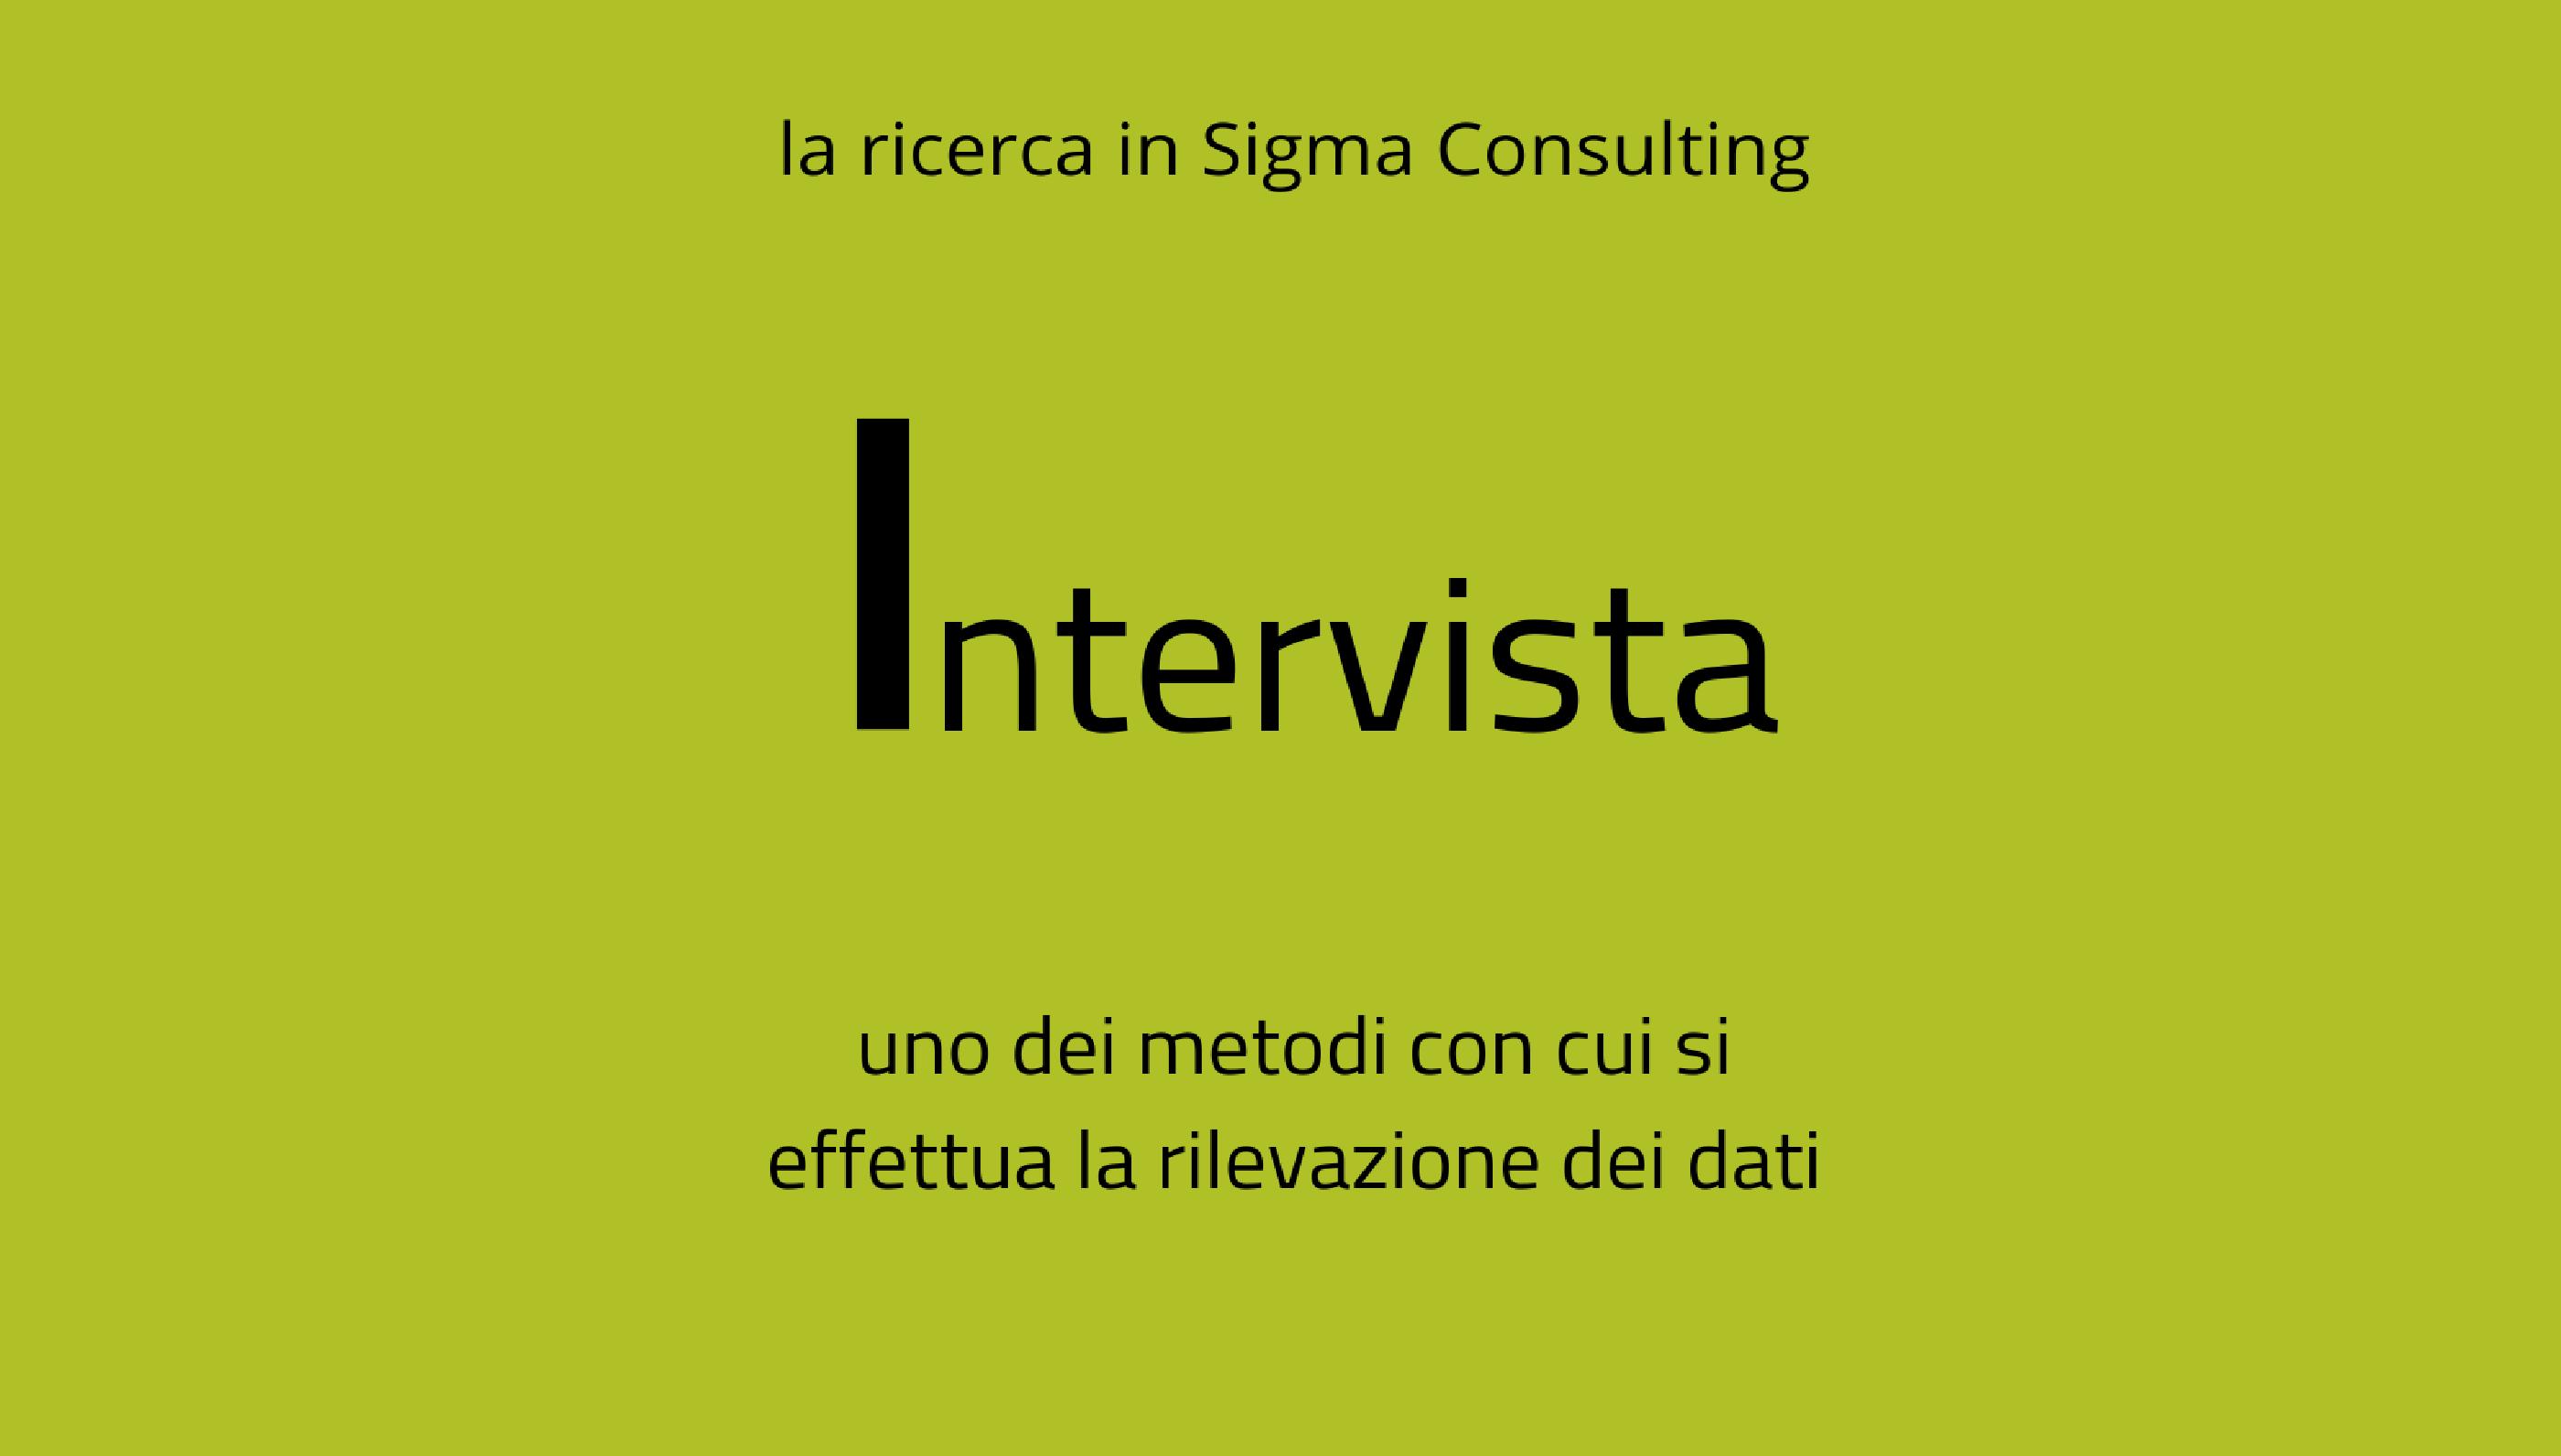 intervista alfa ricerca.png